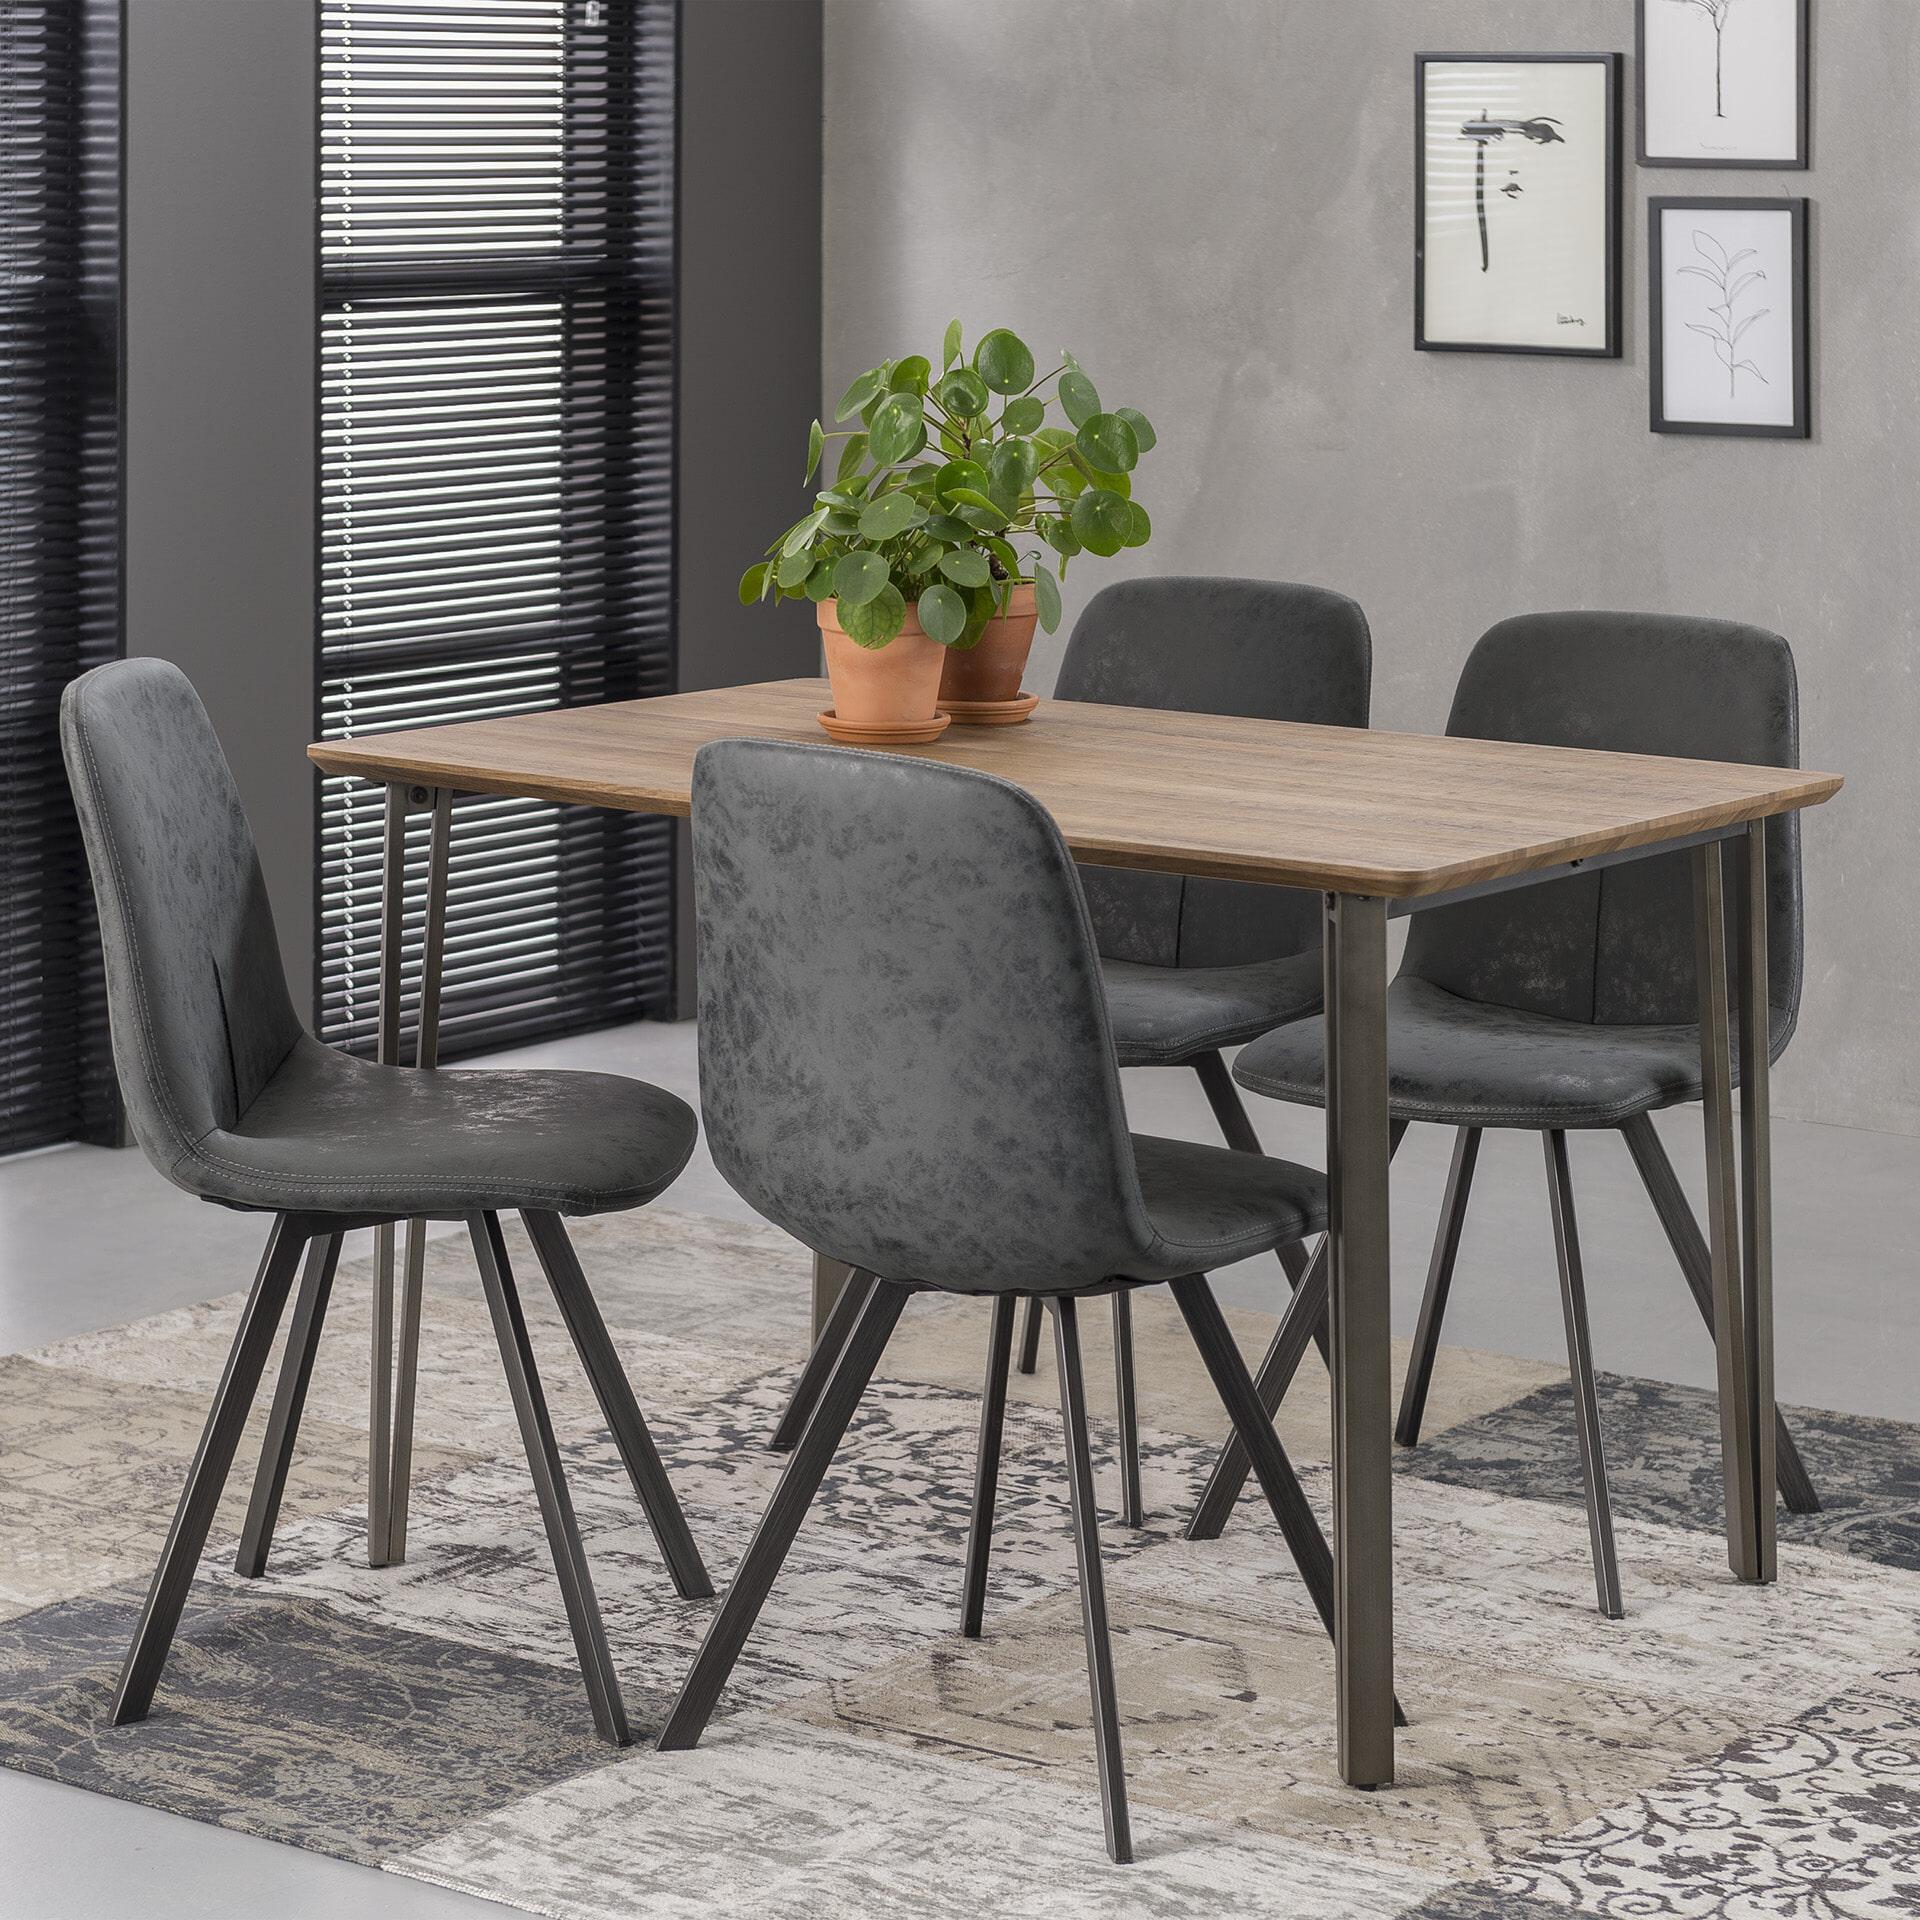 Eettafel 'Arjun' 120 x 80cm, kleur eiken brownwash Tafels | Eettafels vergelijken doe je het voordeligst hier bij Meubelpartner